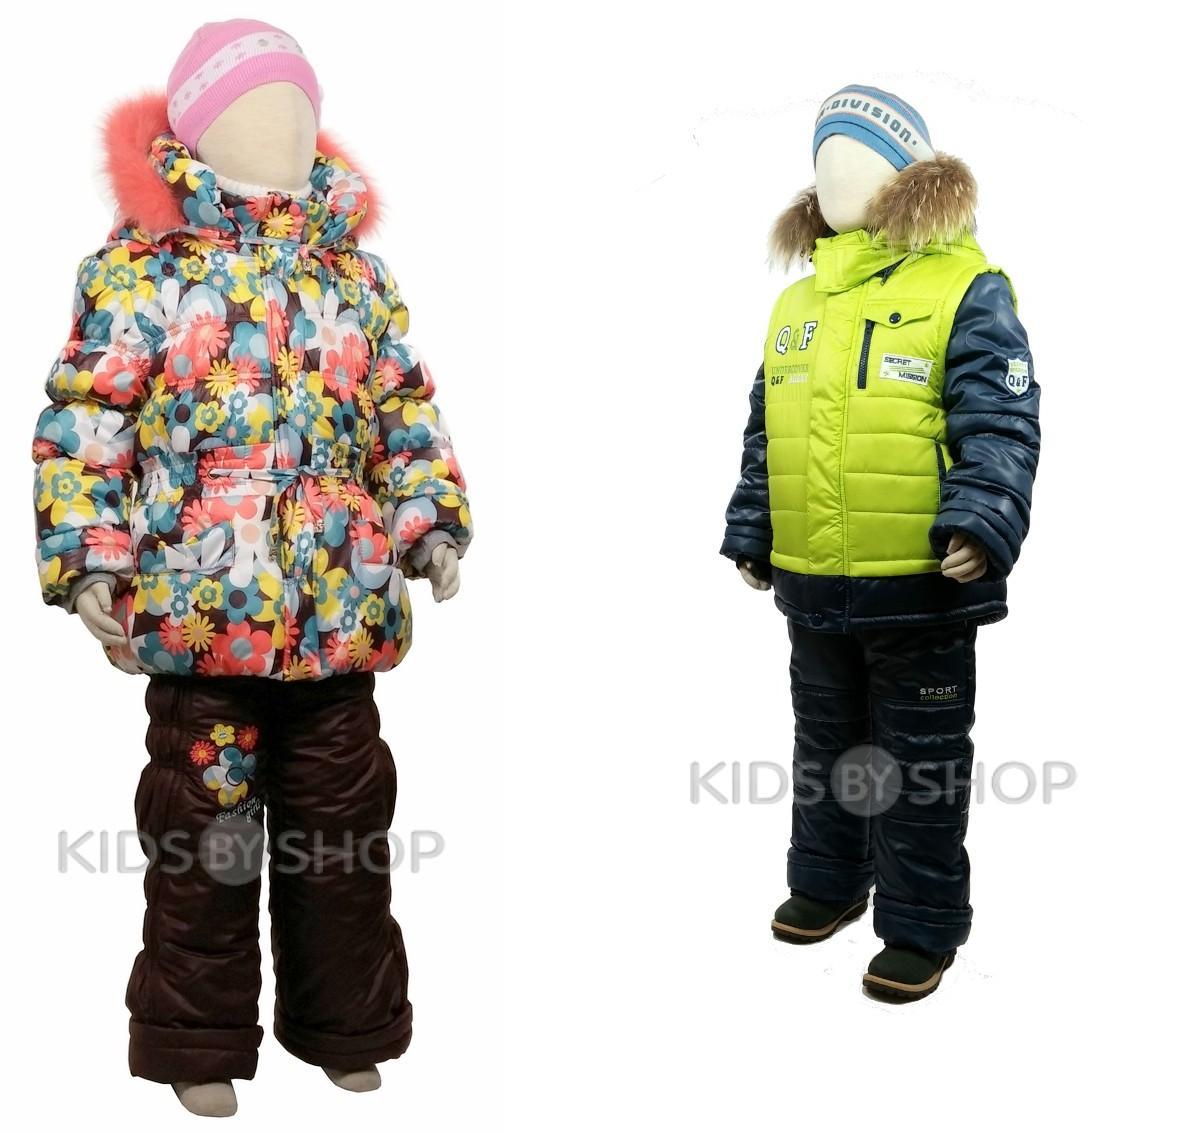 Верхняя одежда для деток от белорусских производителей. Зимние и демисезонные куртки, комплекты, конверты, полукомбинезоны. Без рядов